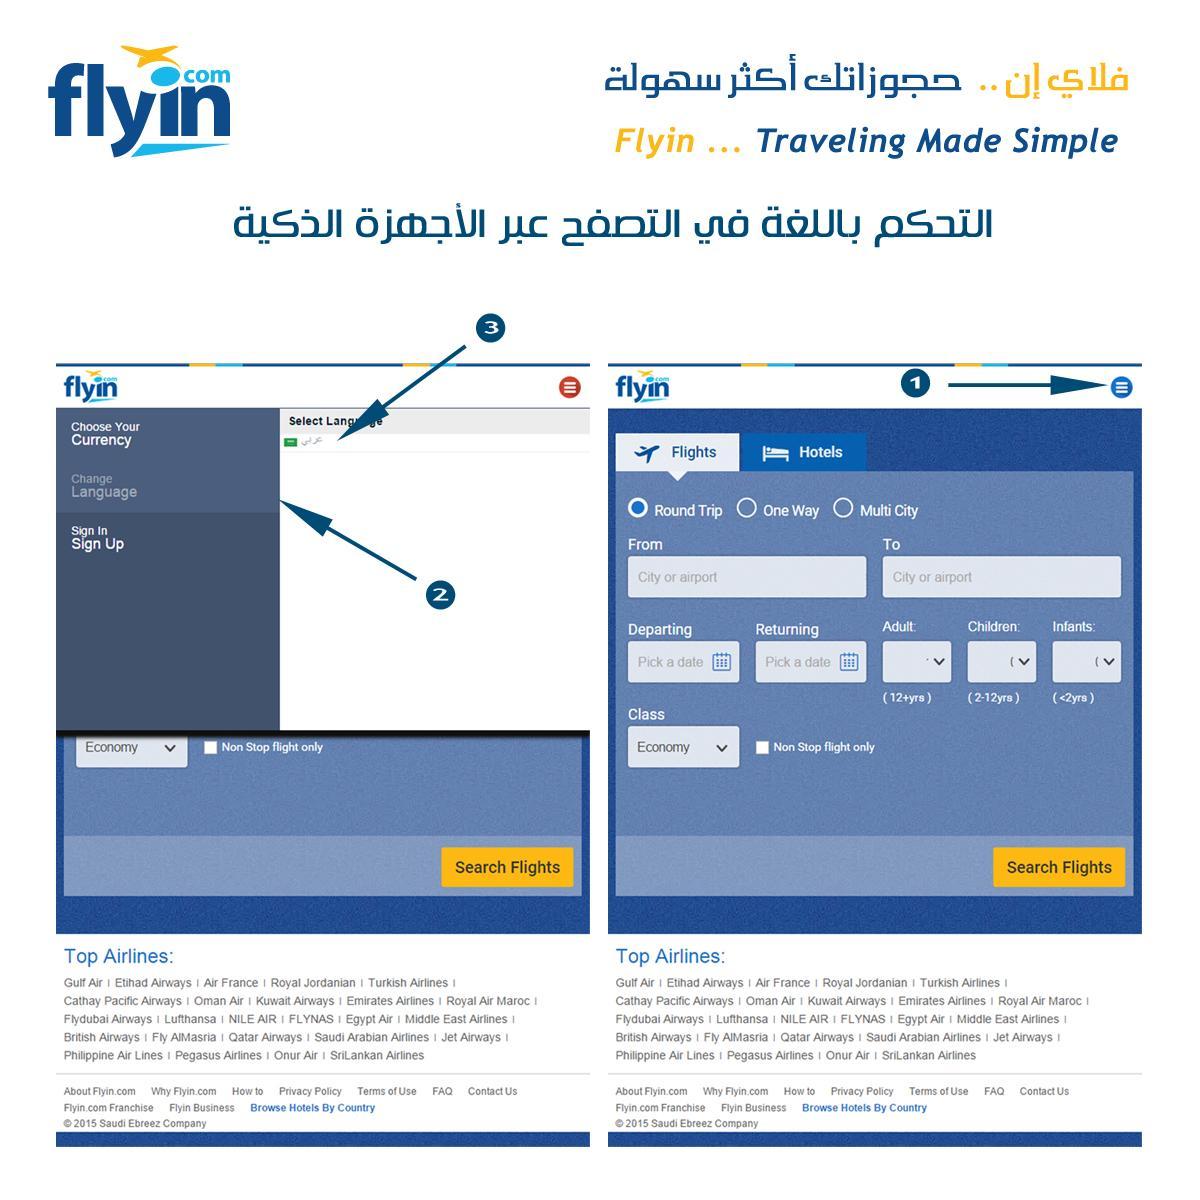 Flyin Com فلاي إن On Twitter Abdr1379 يمكنك التعديل بارسال طلبك على Contact Flyin Com أو الاتصال بنا على 920025959 والتواصل مباشرة مع أحد موظفي الحجوزات خدمة 24ساعة